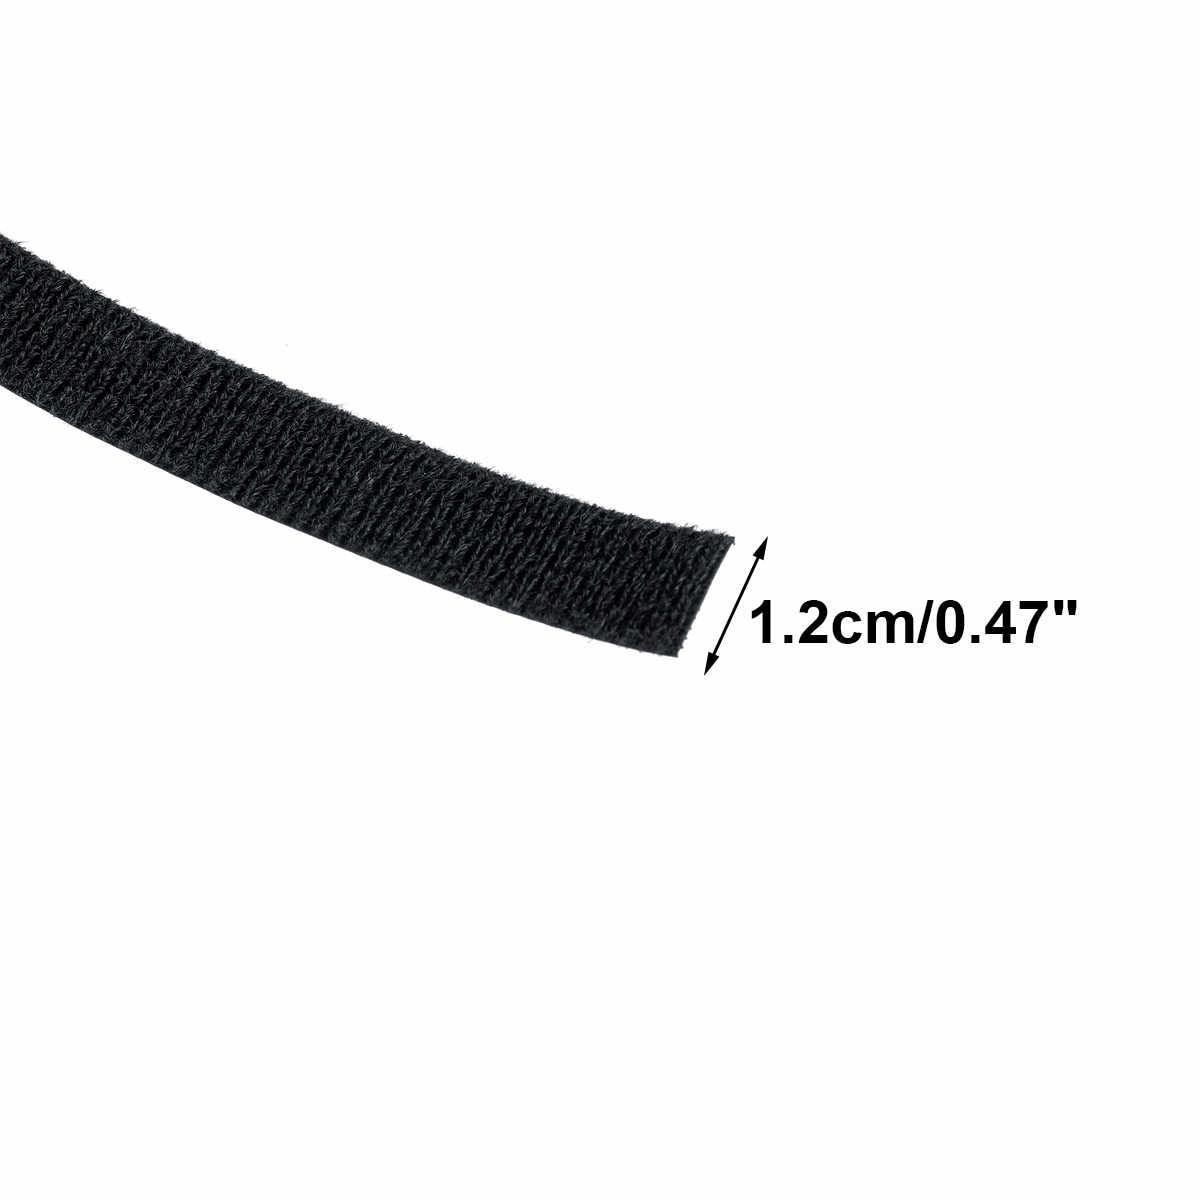 ナイロンケーブルタイ Velcros 粘着ワイヤーケーブルオーガナイザーコードワインダーマネージャーストラップ USB ケーブルホルダープロテクター 10M × 12 ミリメートル